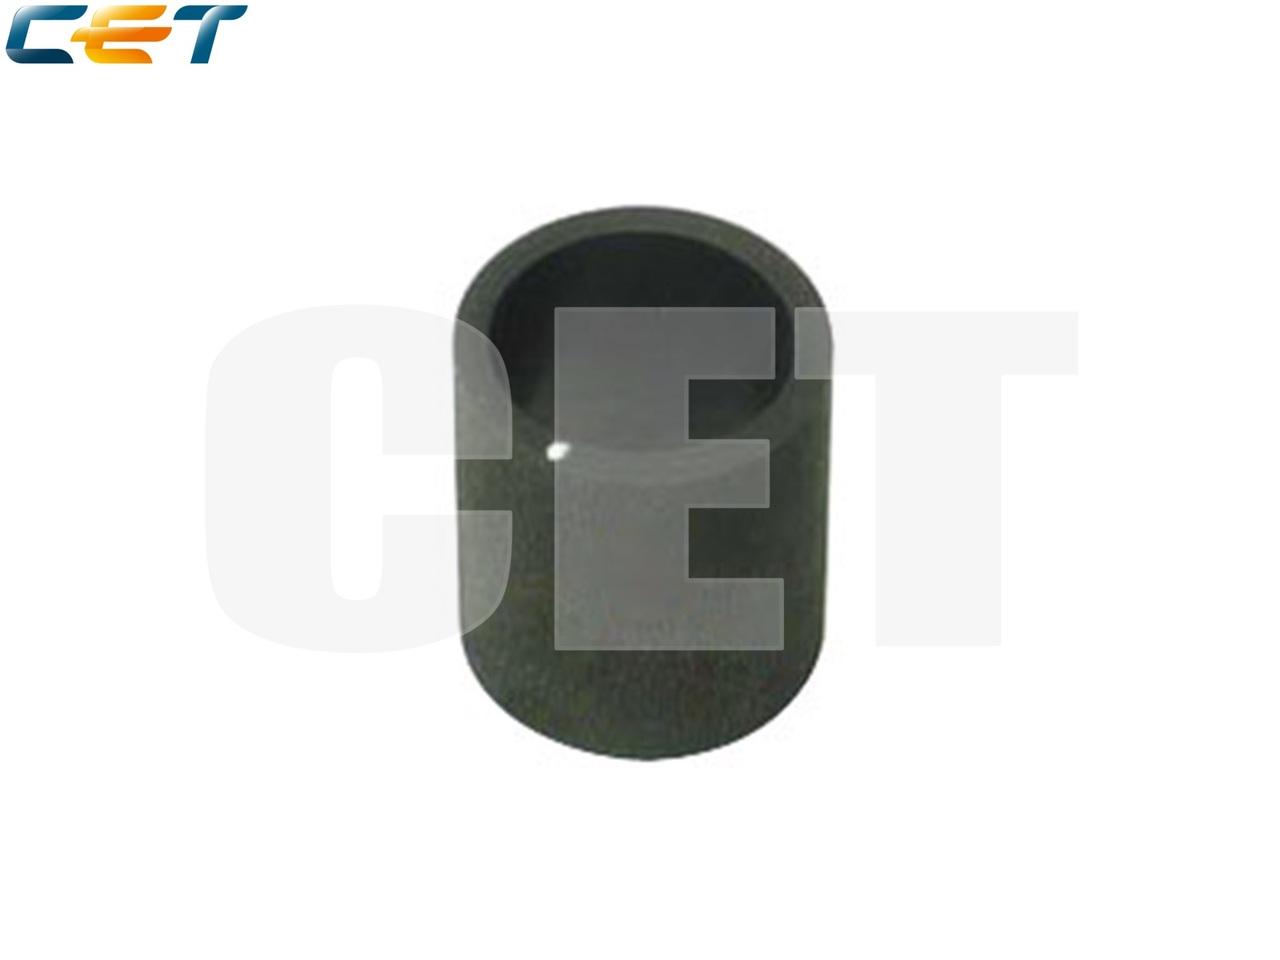 Резинка ролика подхвата JC72-01231A для SAMSUNGML-1510/1710/1740/1750 (CET), CET1204, CET1204R